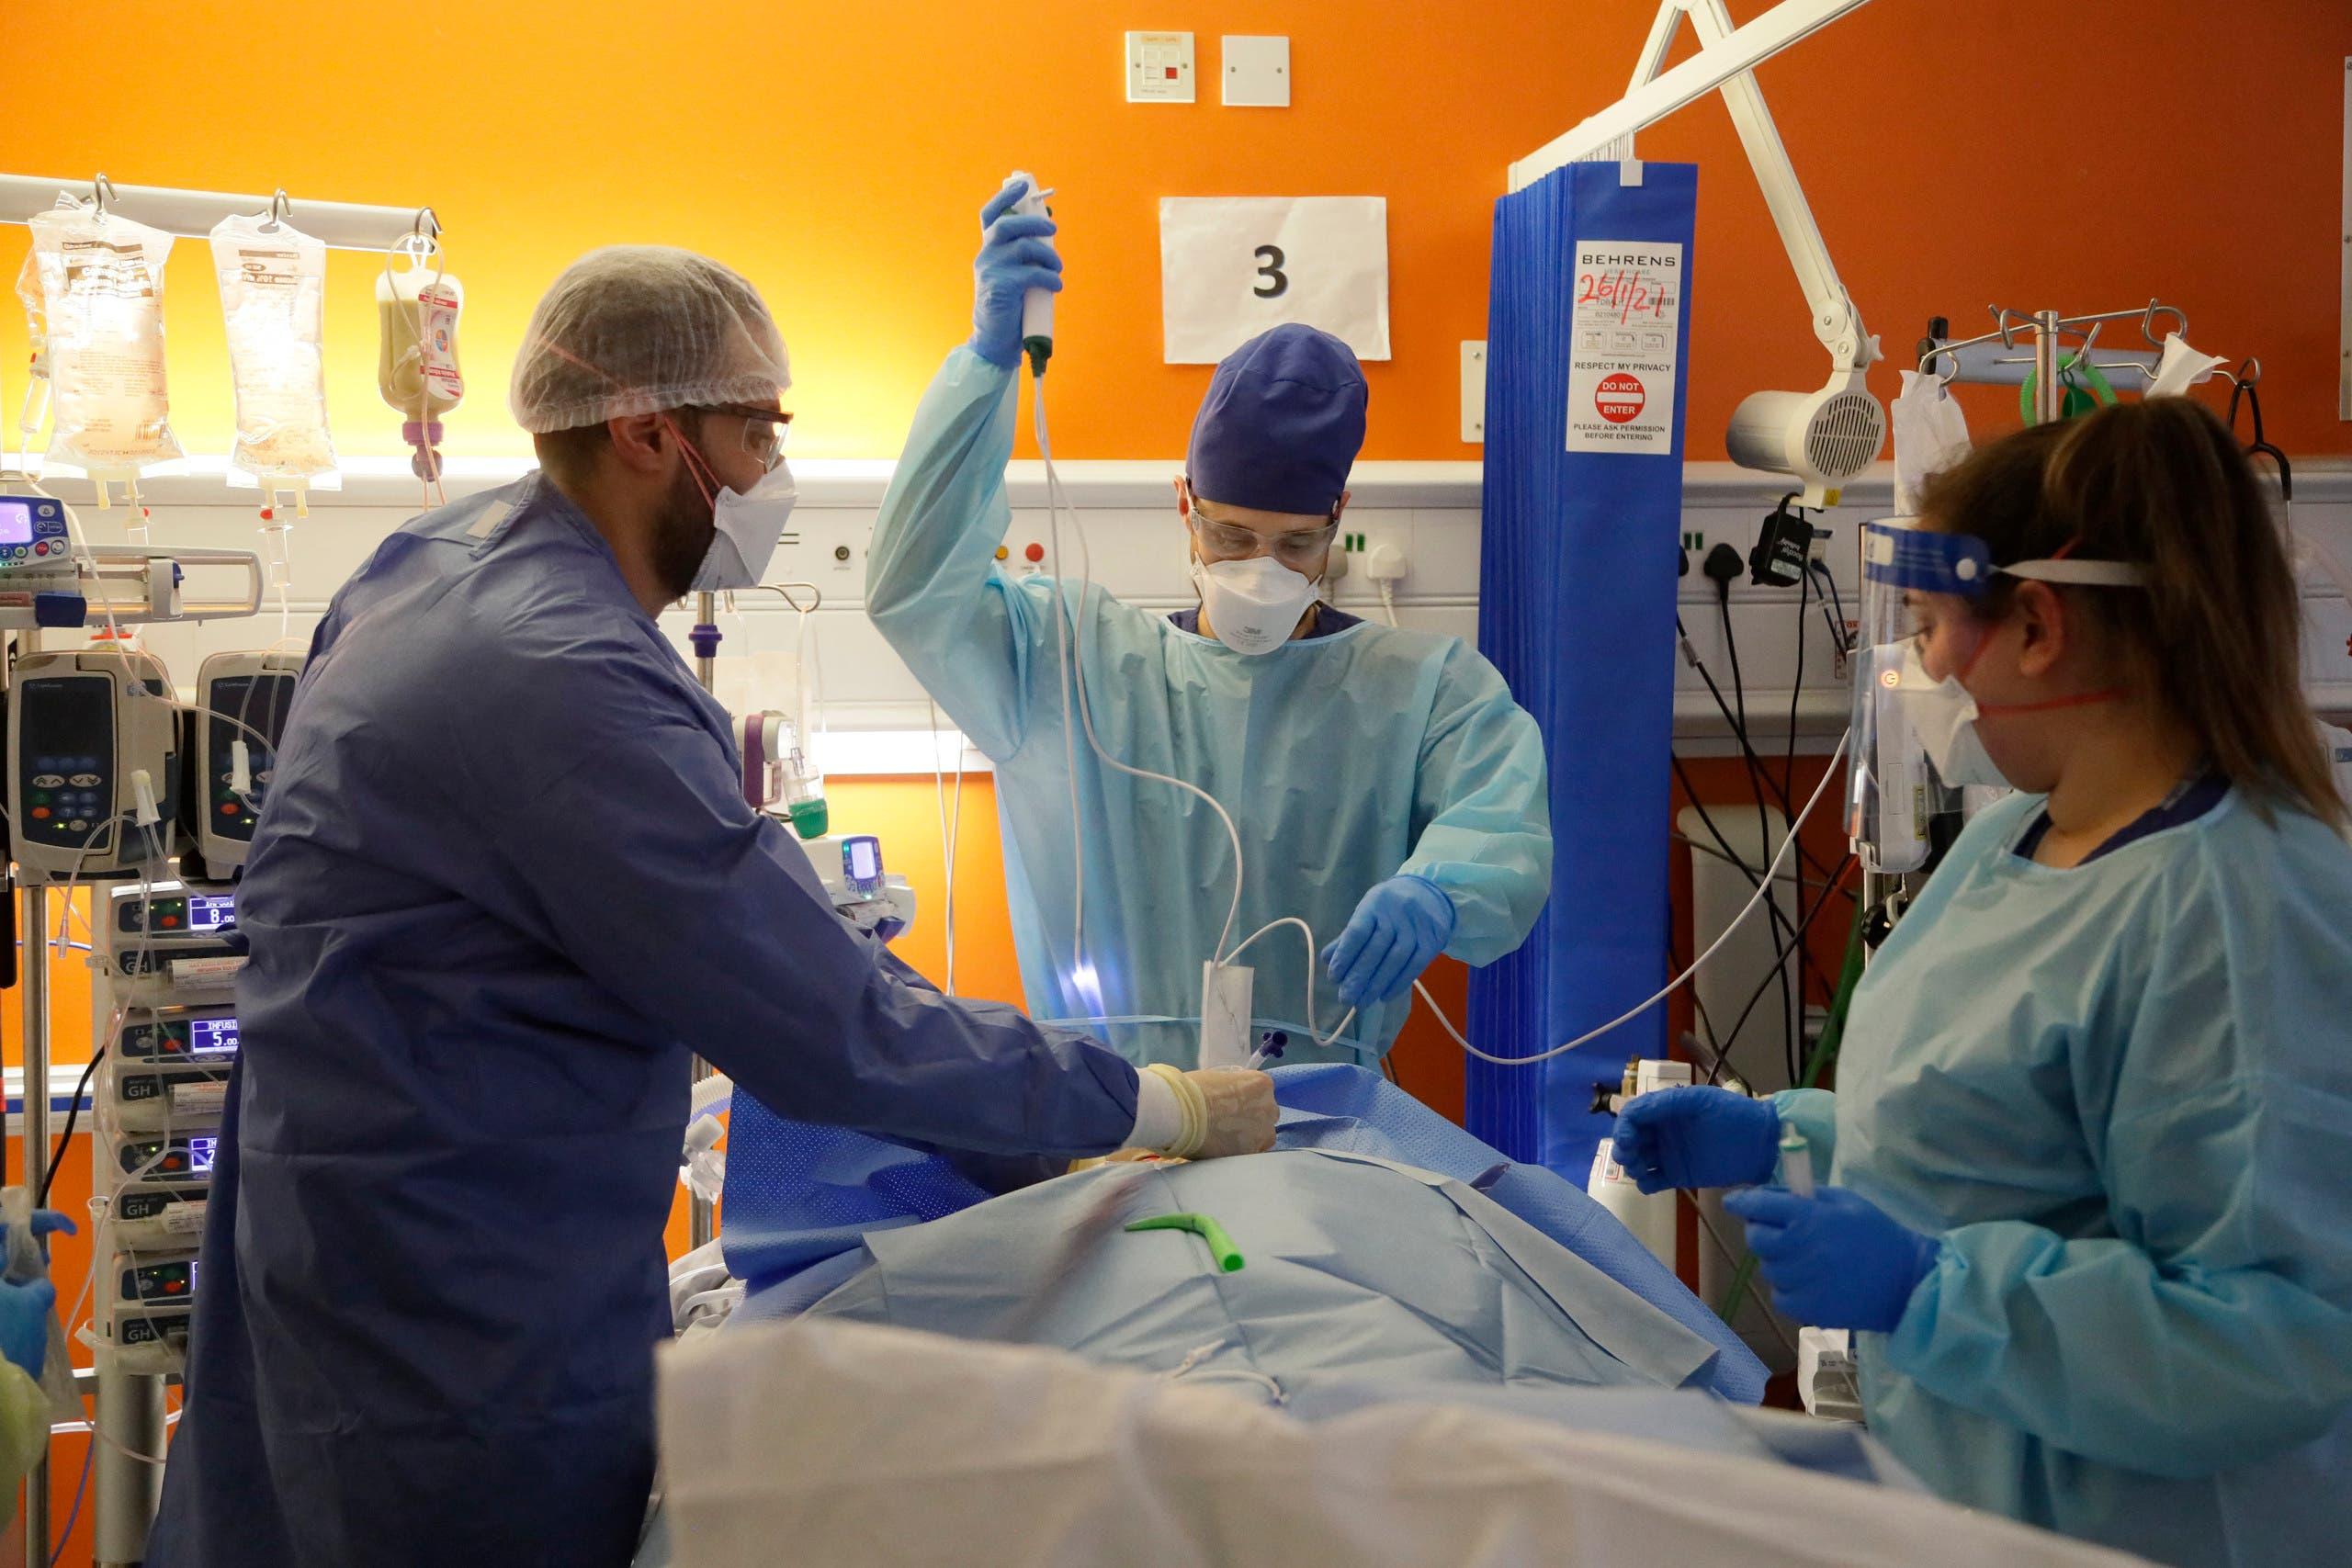 مريض مصاب بكورونا في غرفة عناية فائقة في أحد مستشفيات لندن (أرشيفية)